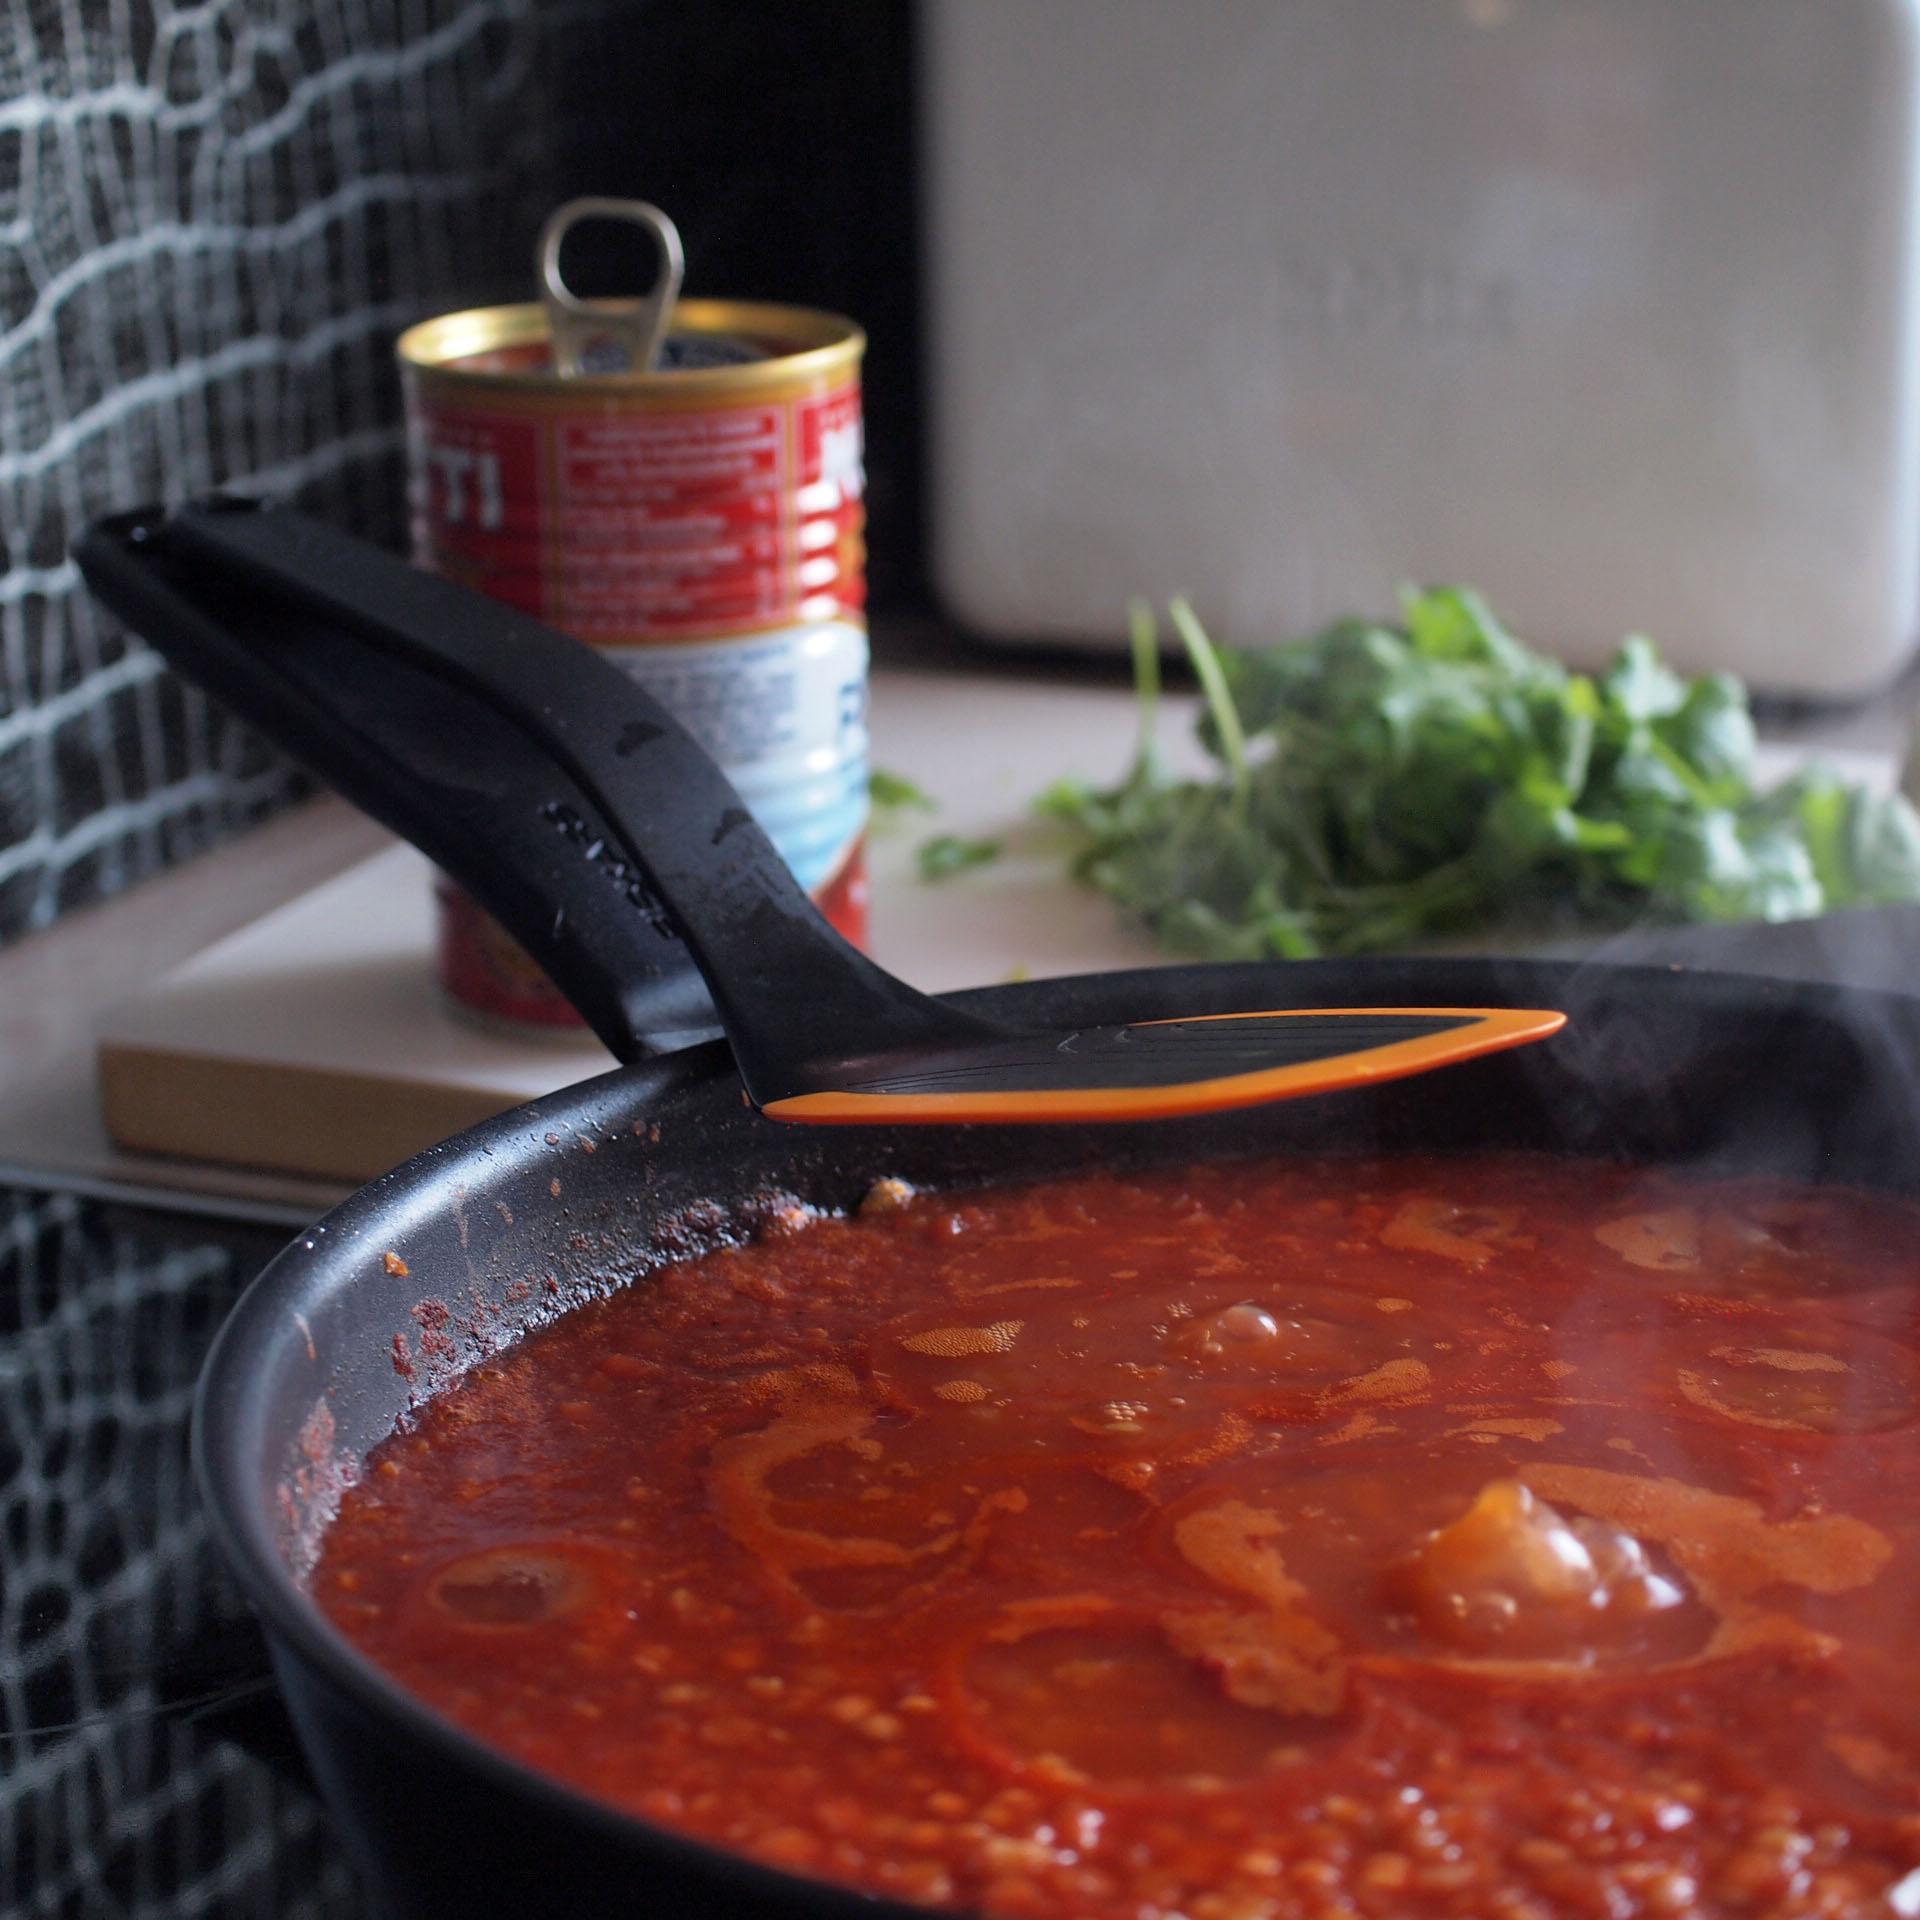 Huomaa kauha, jolle on oma paikkansa: ei tarvitse noukkia keitoksen joukosta tai lepuuttaa tiskipöydällä. Kannatta tsekata muutkin pikkuvälineet:    pastakauhassa    on mitta-asteikko sille, paljonko spagettia yksi ihminen suurinpiirtein syö ja kauhassa on mitta-asteikko valmiina, jos vaikka olet lisäämässä kermaa tietyn määrän. Kasarina    tämä Functional Form -sarjan 26cm kasari.